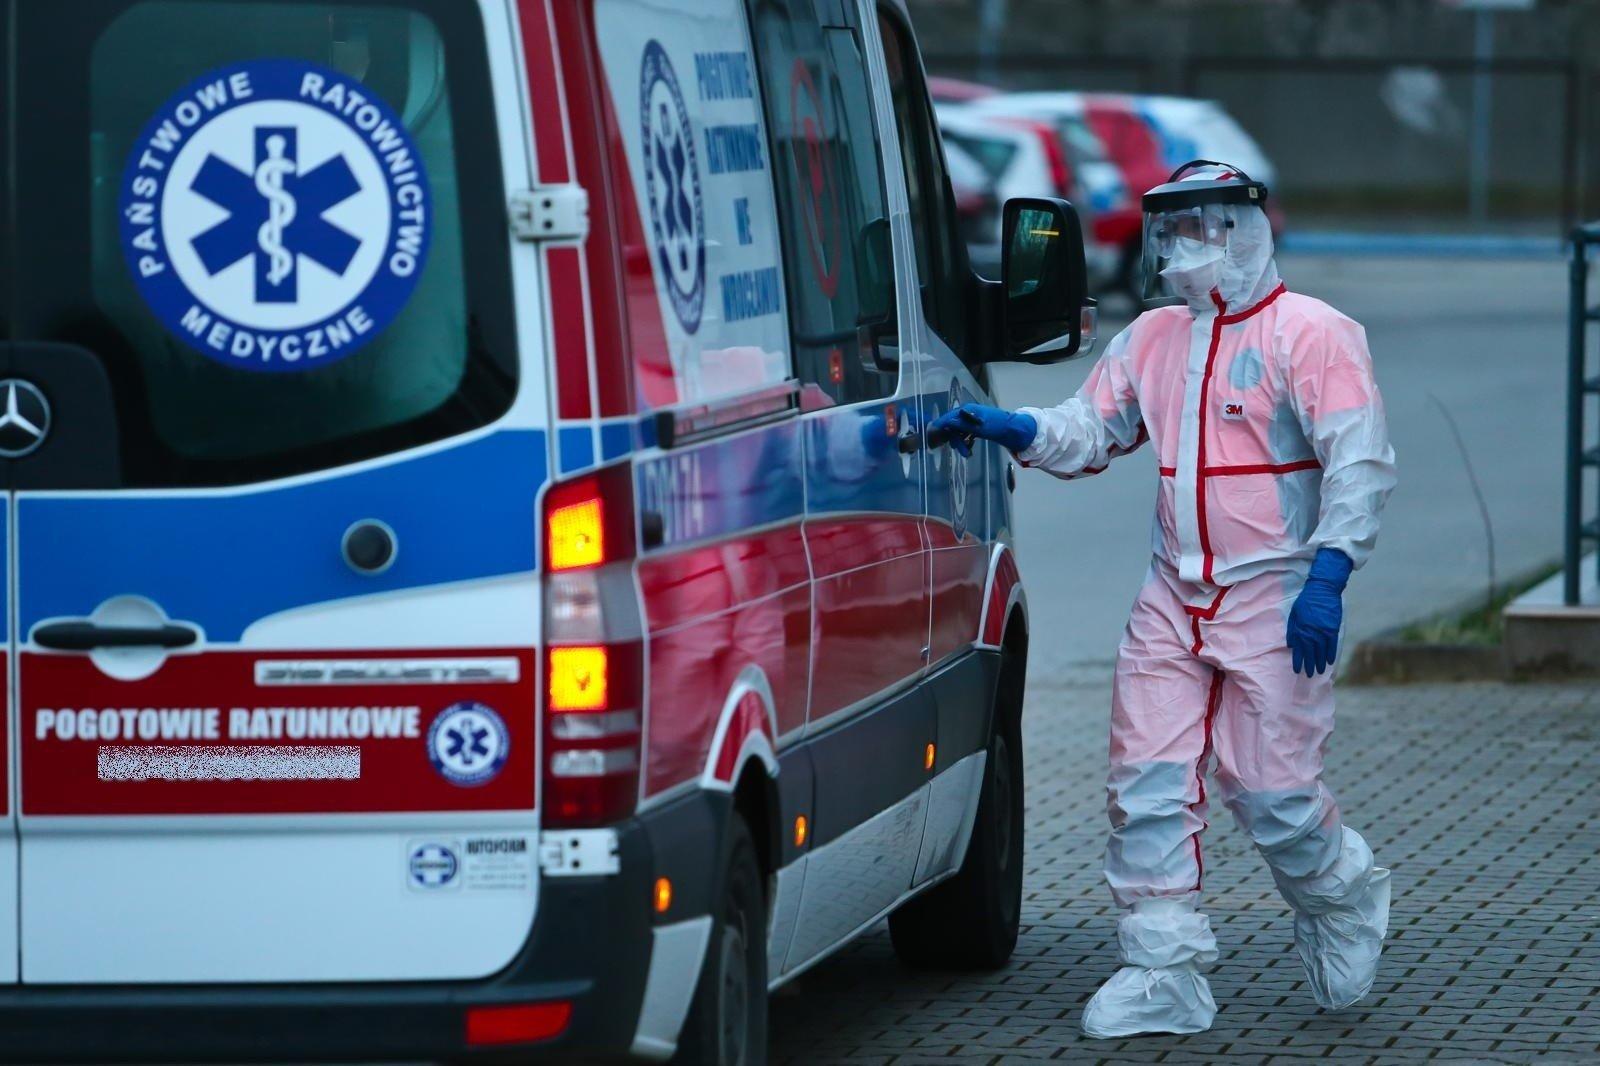 [COVID-19] Rekord zachorowań w Polsce. W powiecie kutnowskim ponad 30 nowych przypadków - Zdjęcie główne